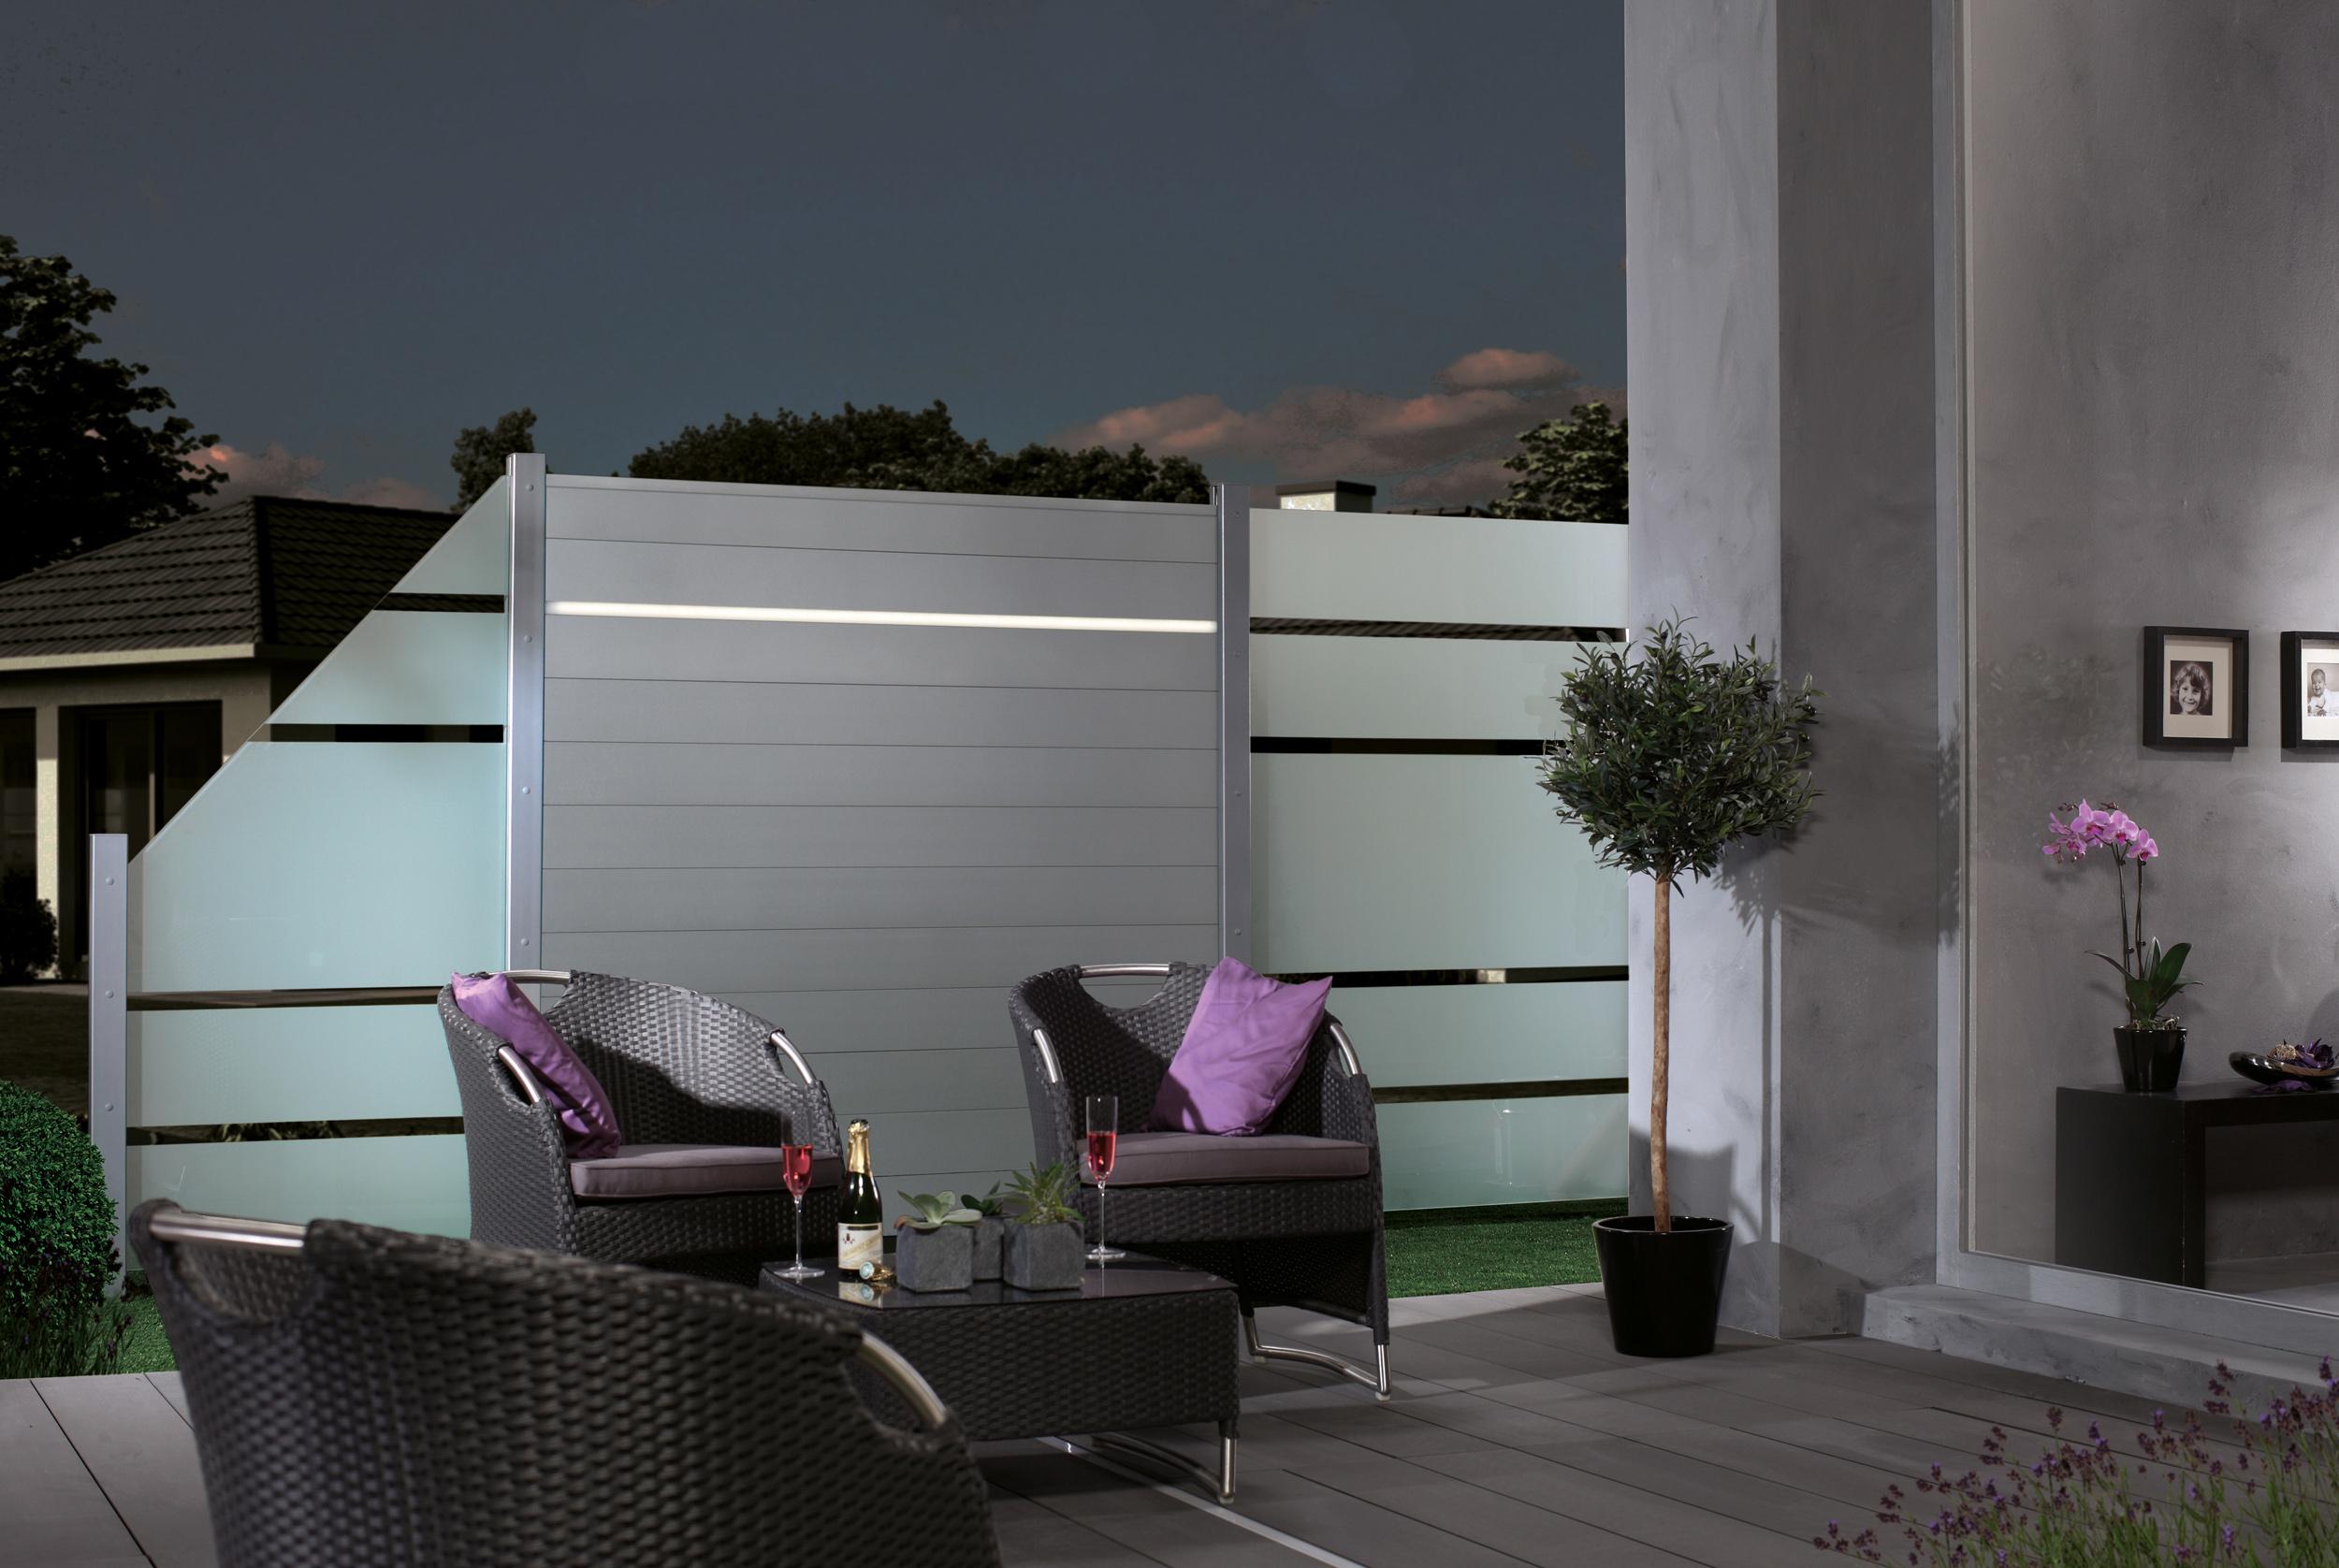 Schutzwände aus Glas sorgen für freie Aussicht und Windschutz zugleich. Kombiniert mit Aluminiumelementen und LED-Streifen wirken sie besonders hochwertig und setzen einen Blickfang im Garten. Bild: Brügmann TraumGarten